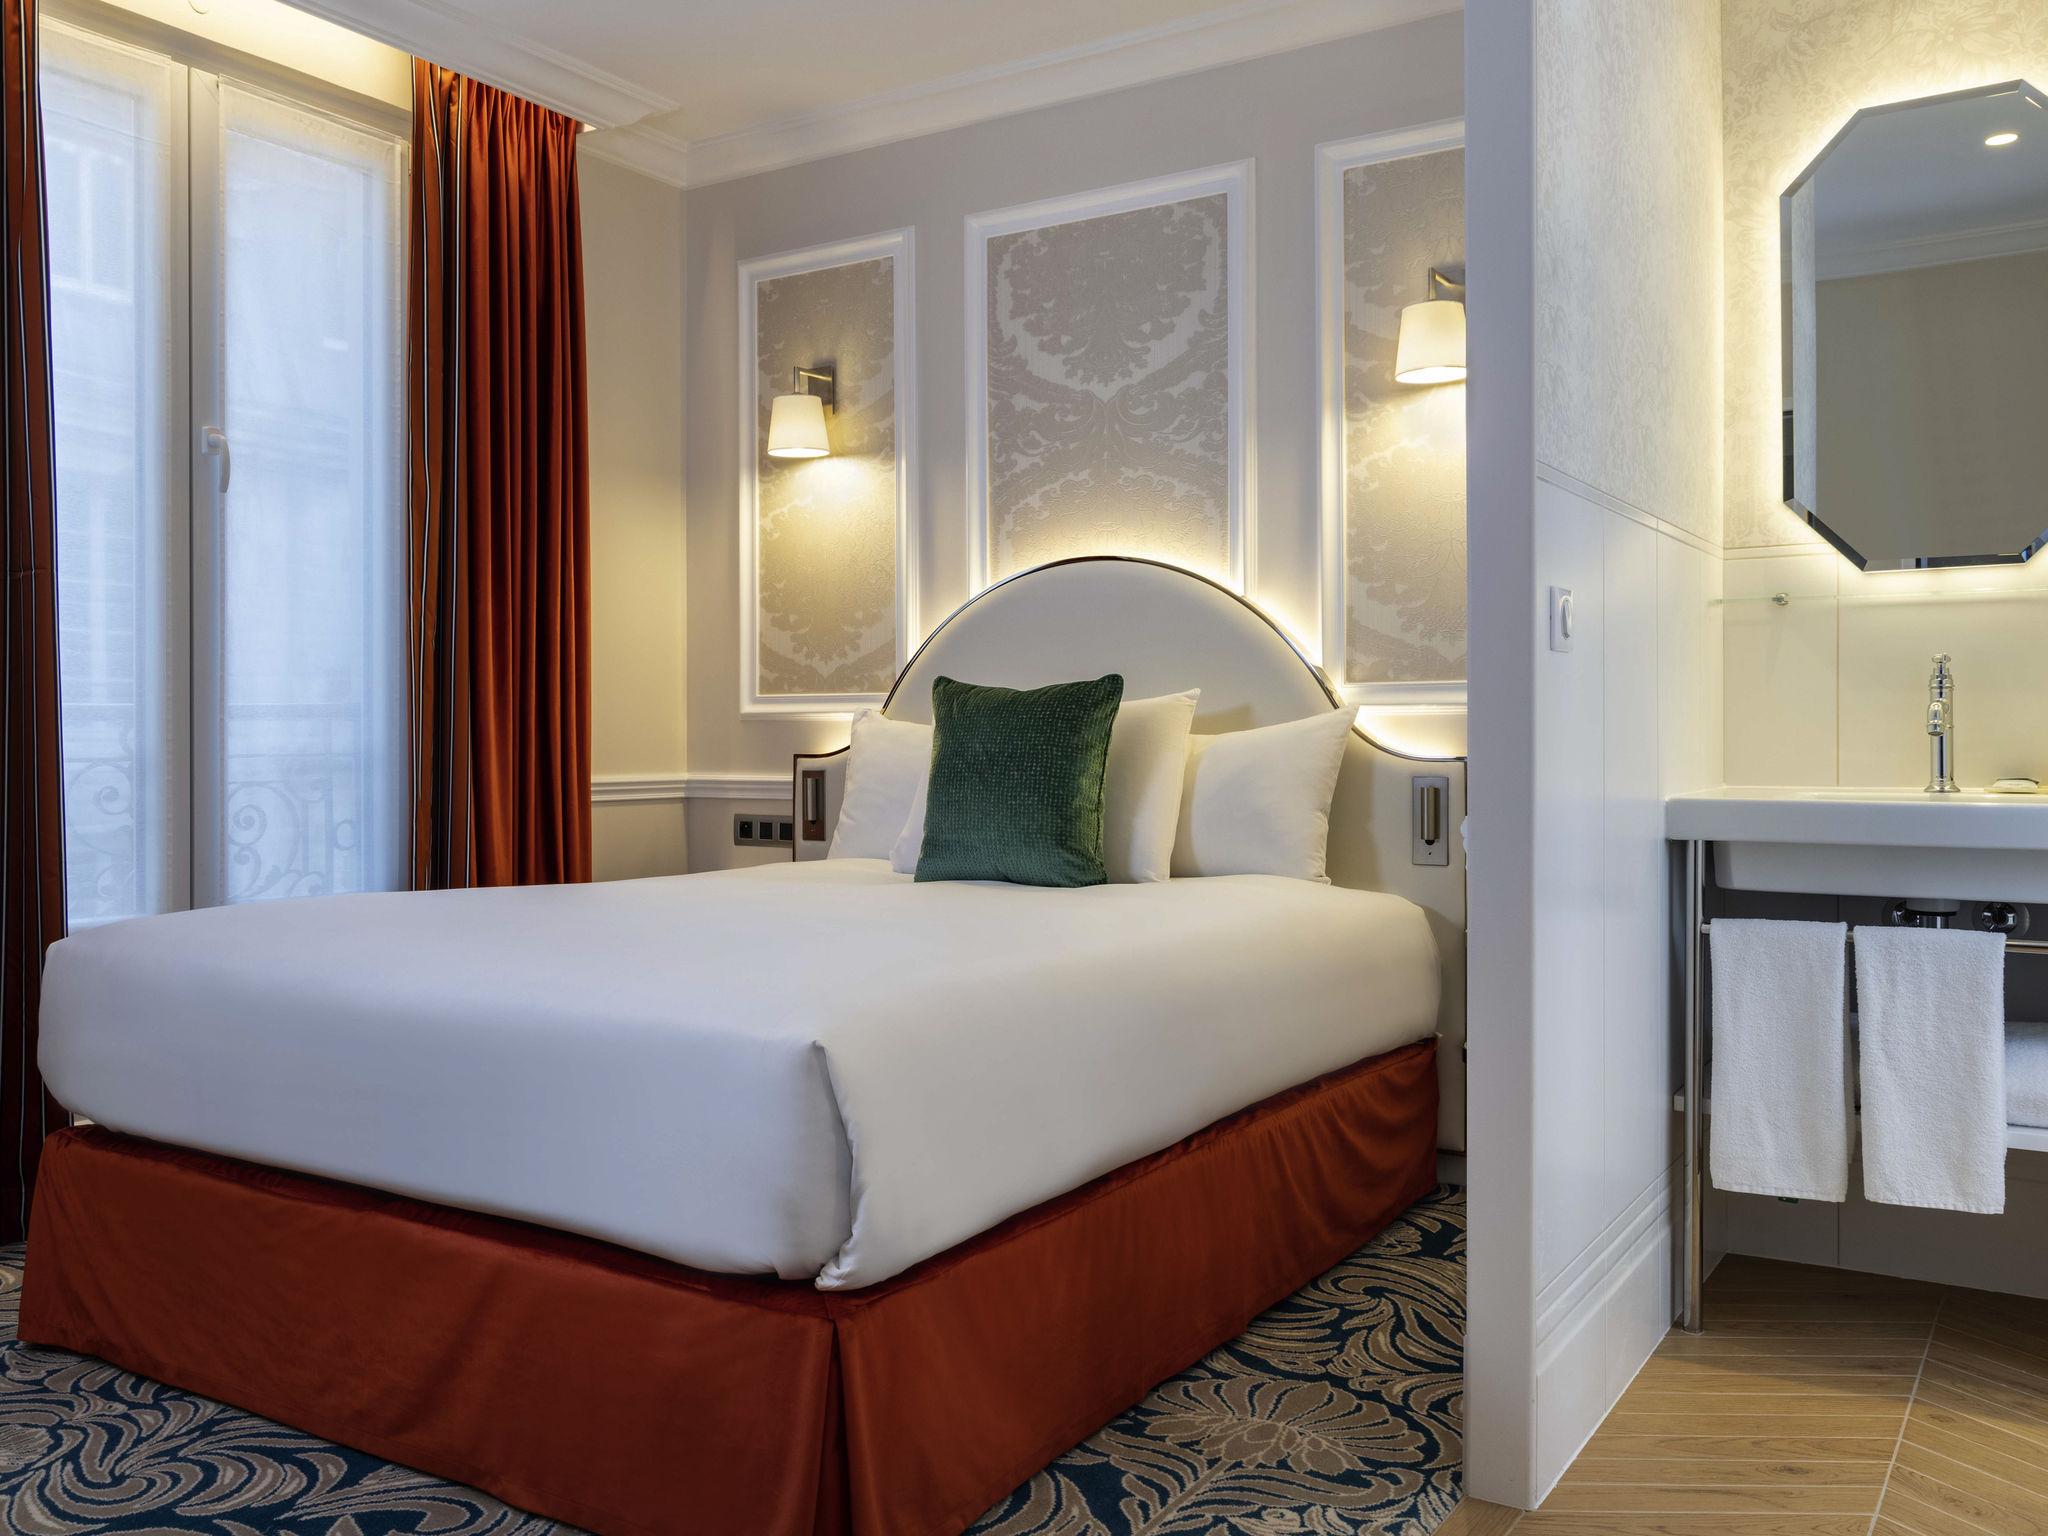 Hotel – Albergo Mercure Paris La Sorbonne Saint Germain des Prés